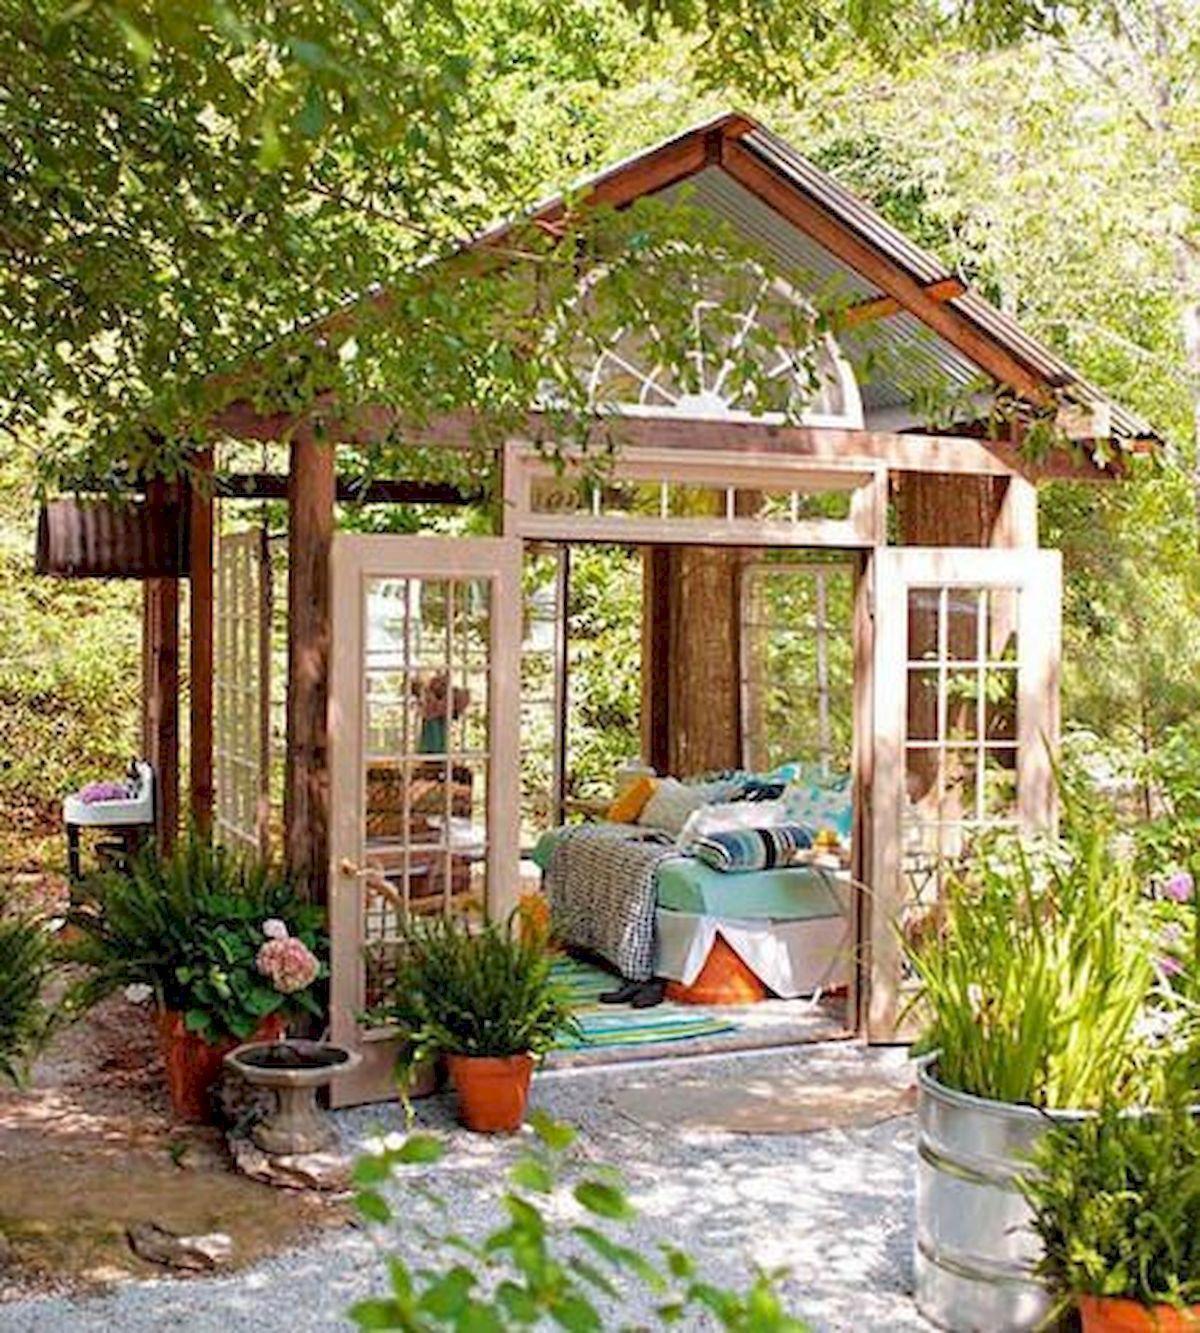 Garden Ideas Designs And Inspiration: Garden Design Ideas And Inspiration